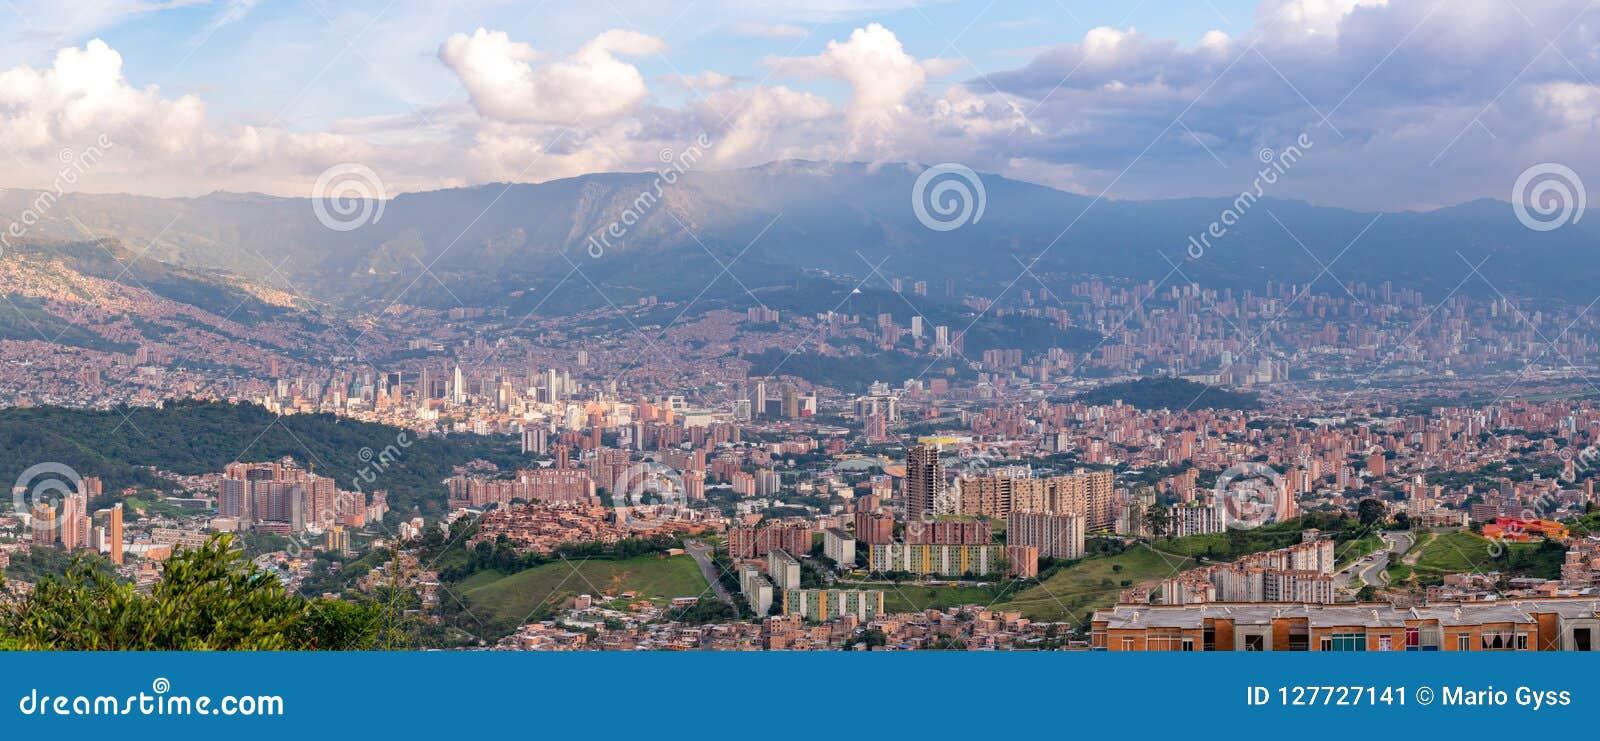 Взгляд городского пейзажа и панорамы Medellin, Колумбии Medellin город второй по величине в Колумбии